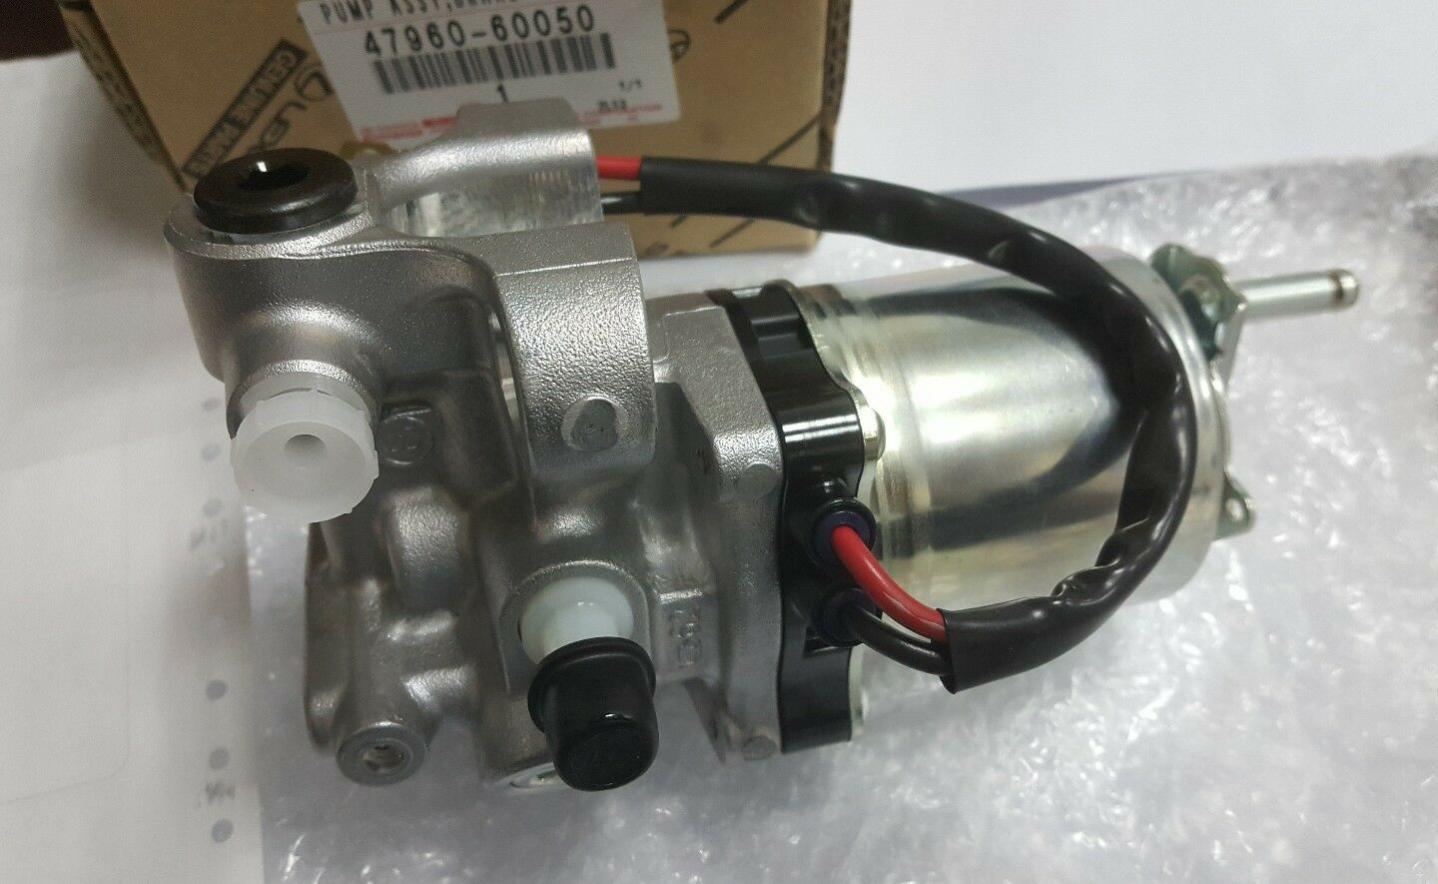 ABS motor bad-motor-pump-assembly-jpg